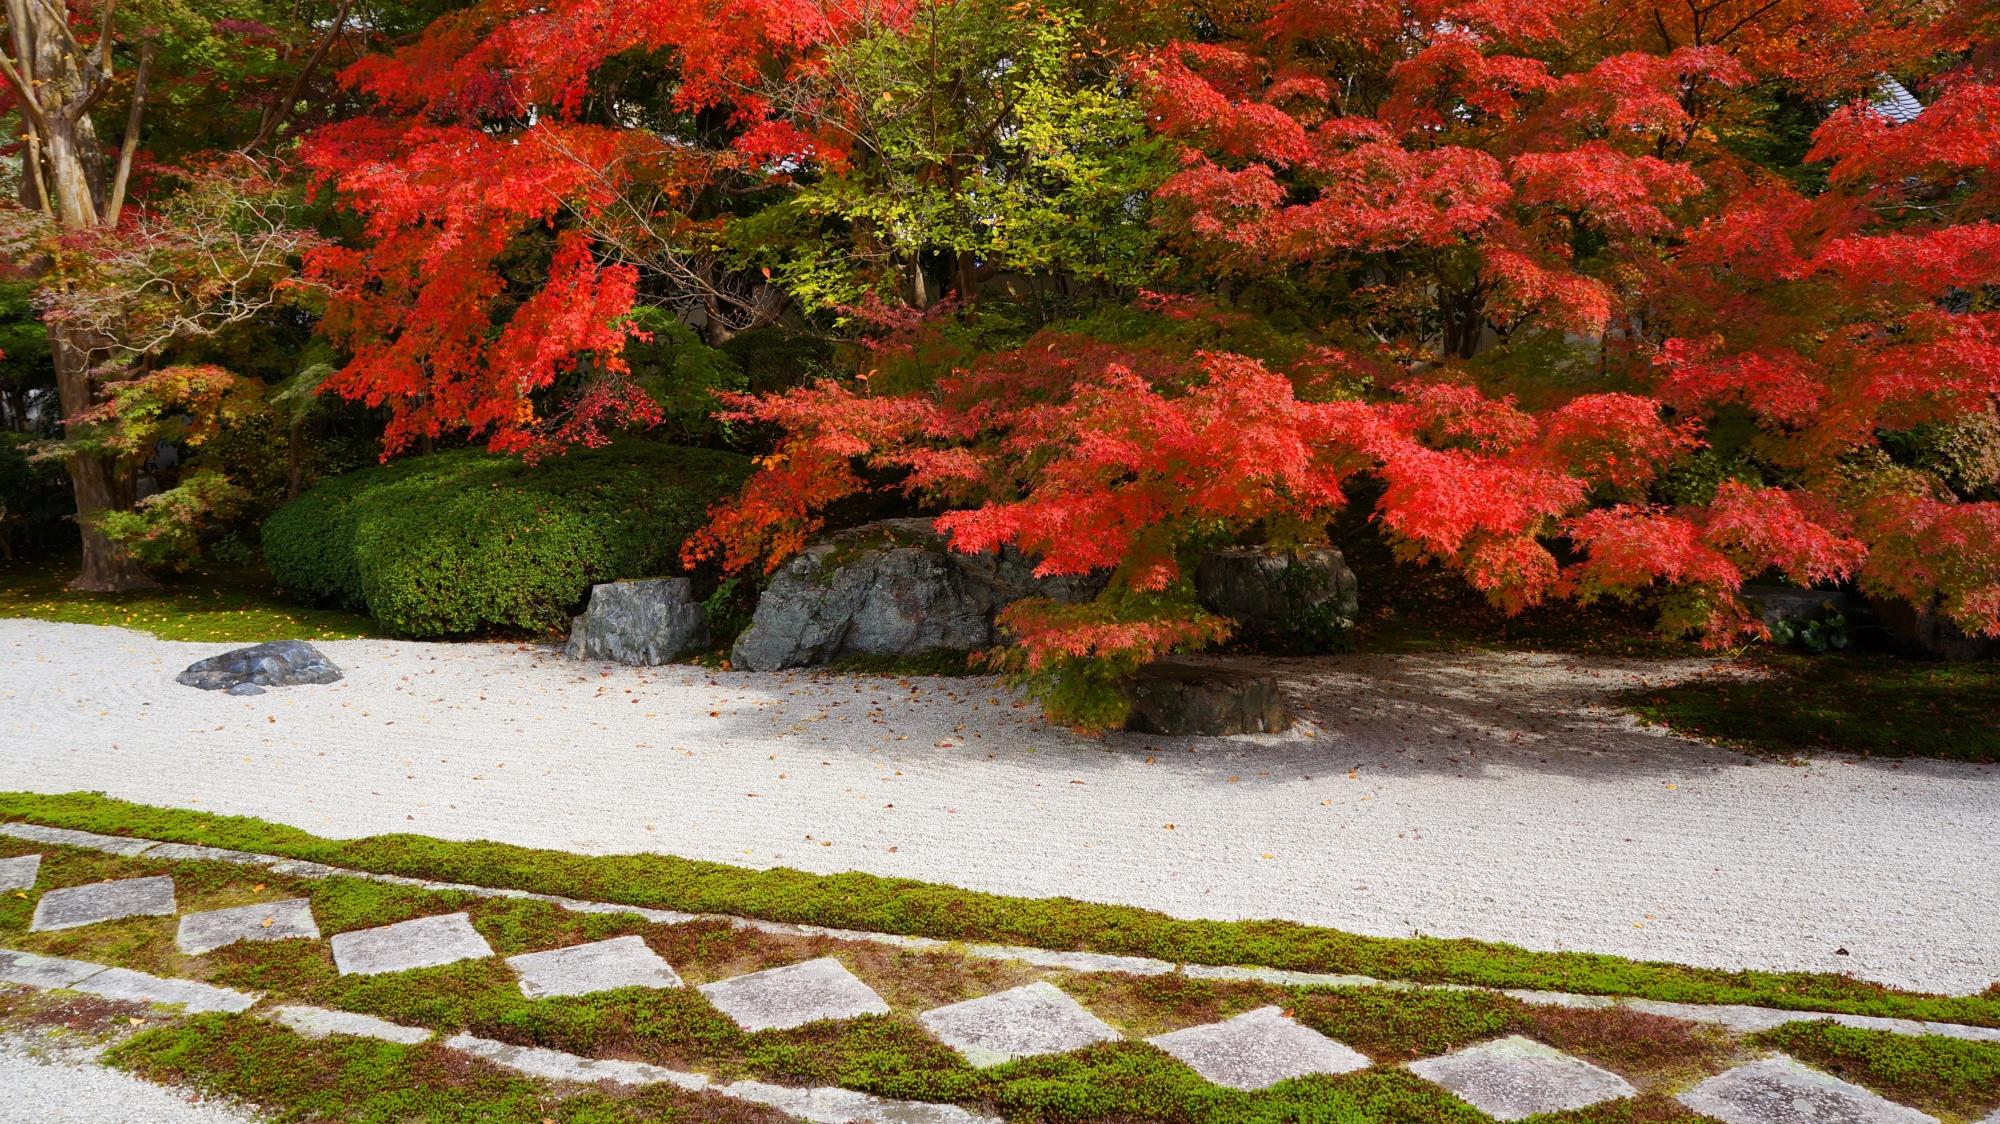 天授庵の特徴的な飛び石と苔の参道を華やぐ真紅の紅葉